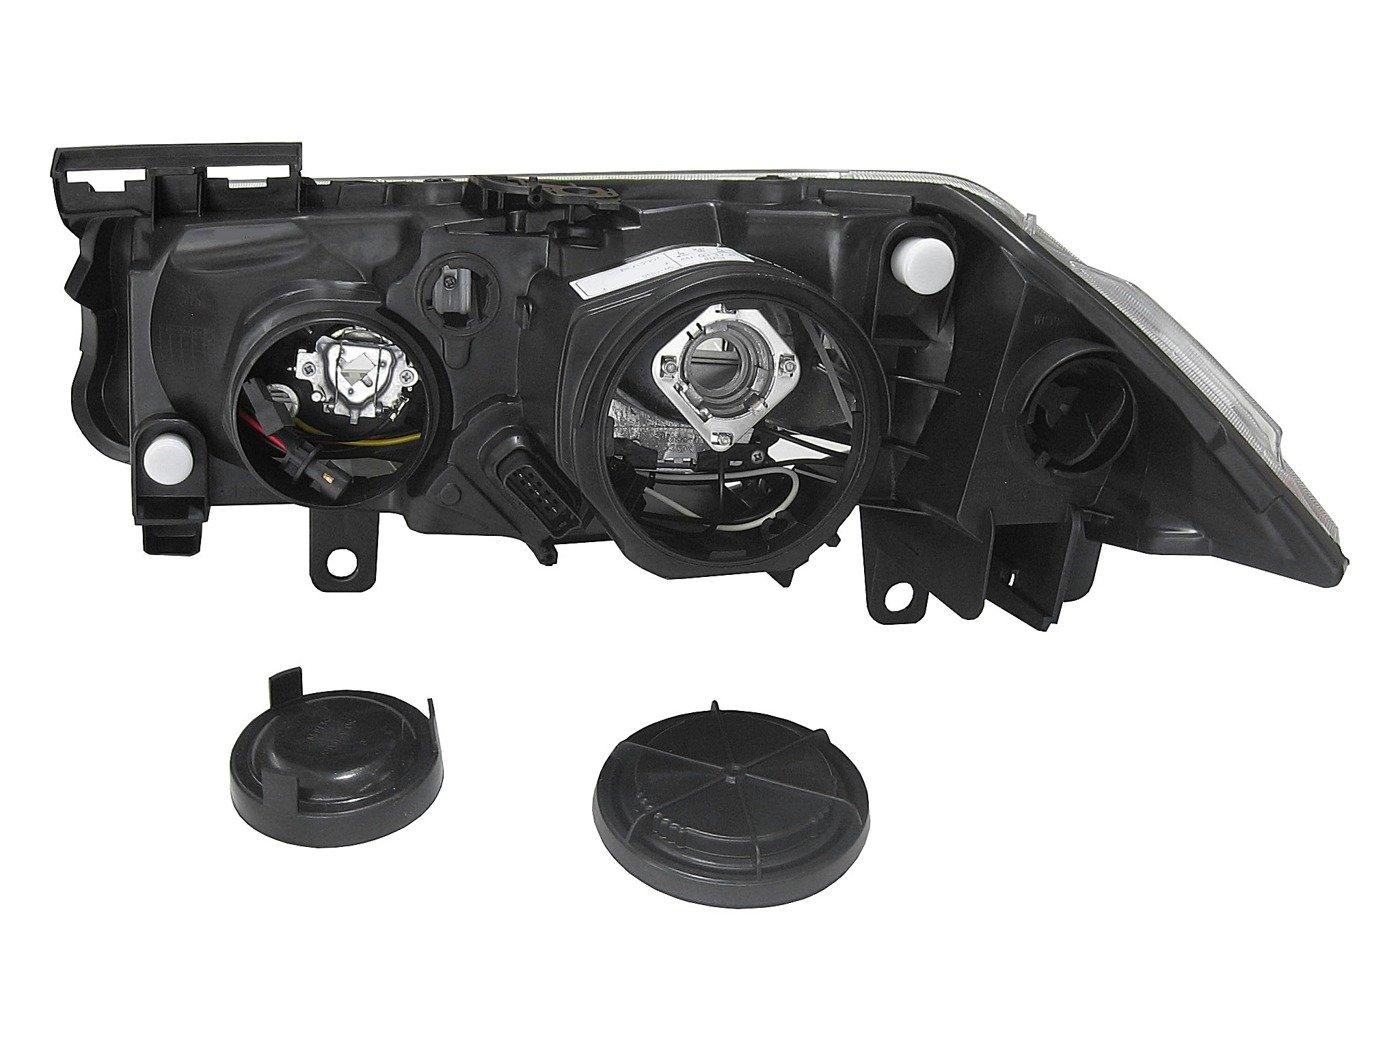 Reflektor Przedni Prawy H1 H7 Renault Megane Ii 06 Tyc Sklep Z Czesciami Samochodowymi Autodetale Pl